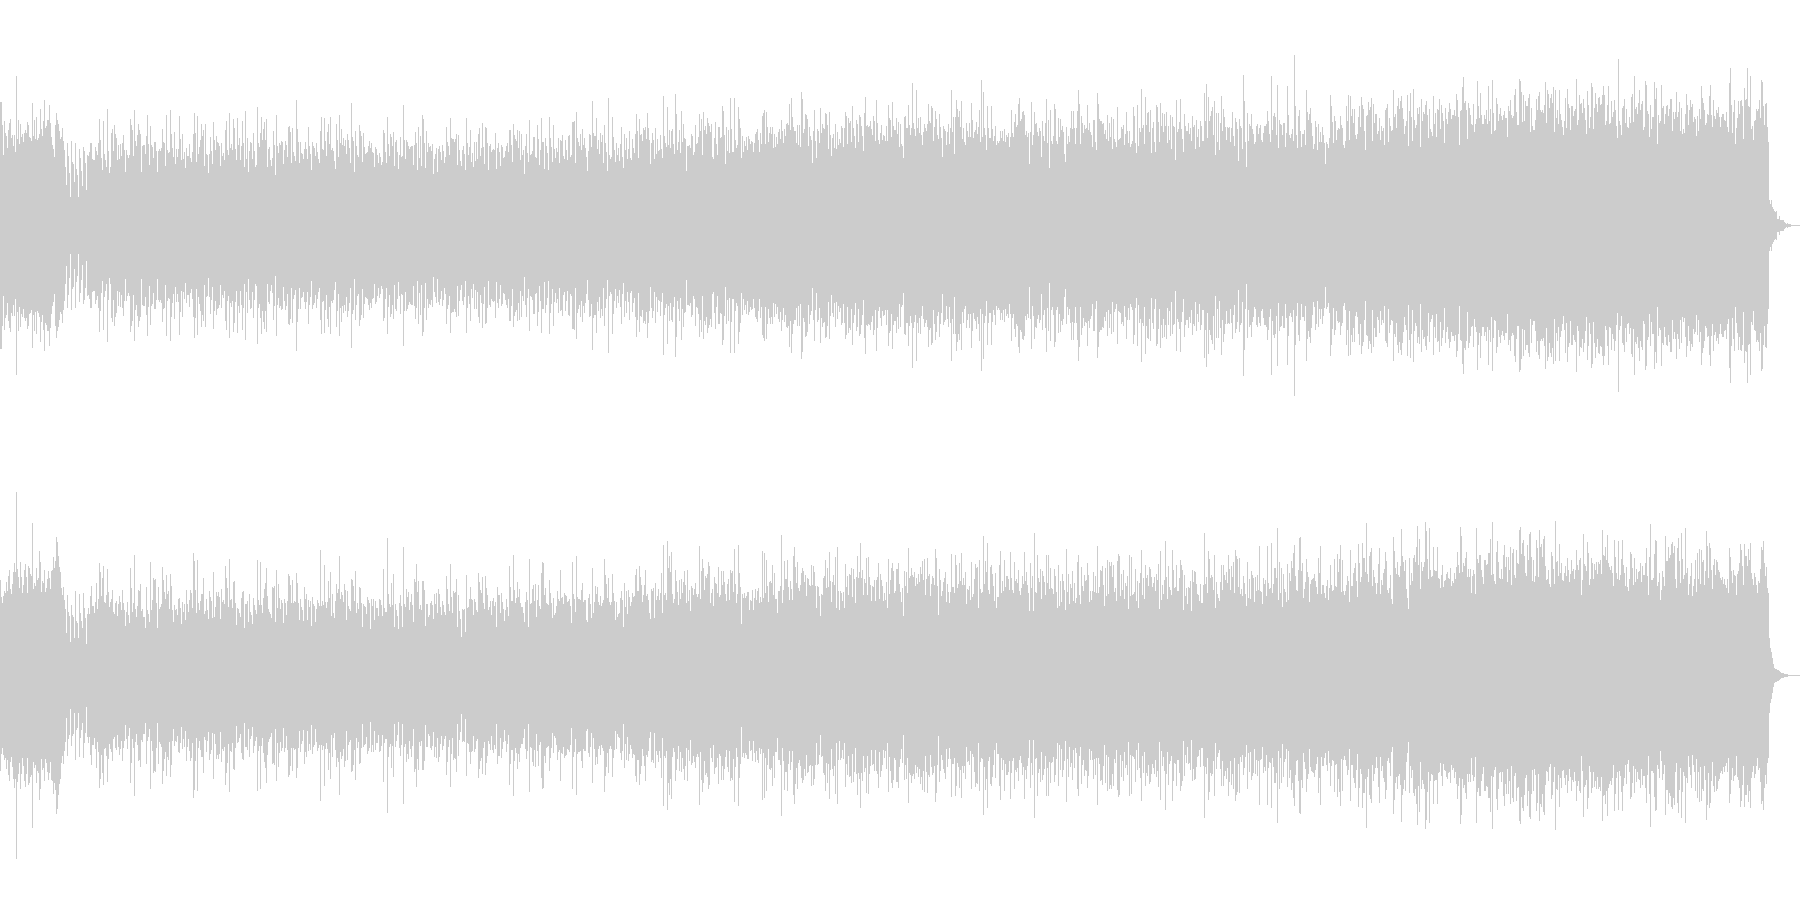 パッヘルベル カノンのエレクトリカルの未再生の波形